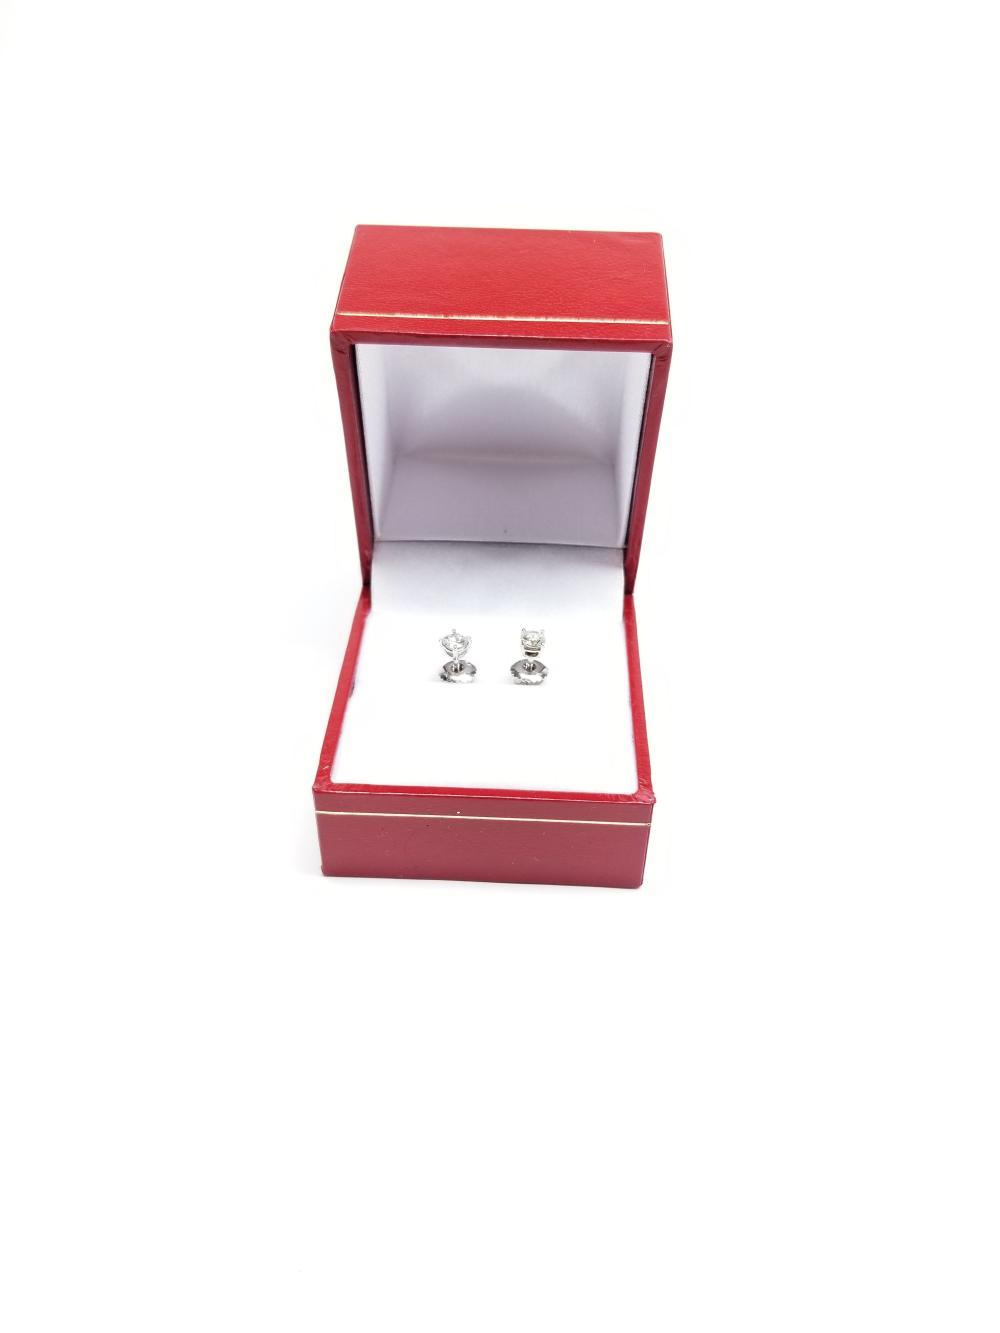 Lot 96: Womens 14k White Gold Diamond Stud Solitaire Srew Back Earrings